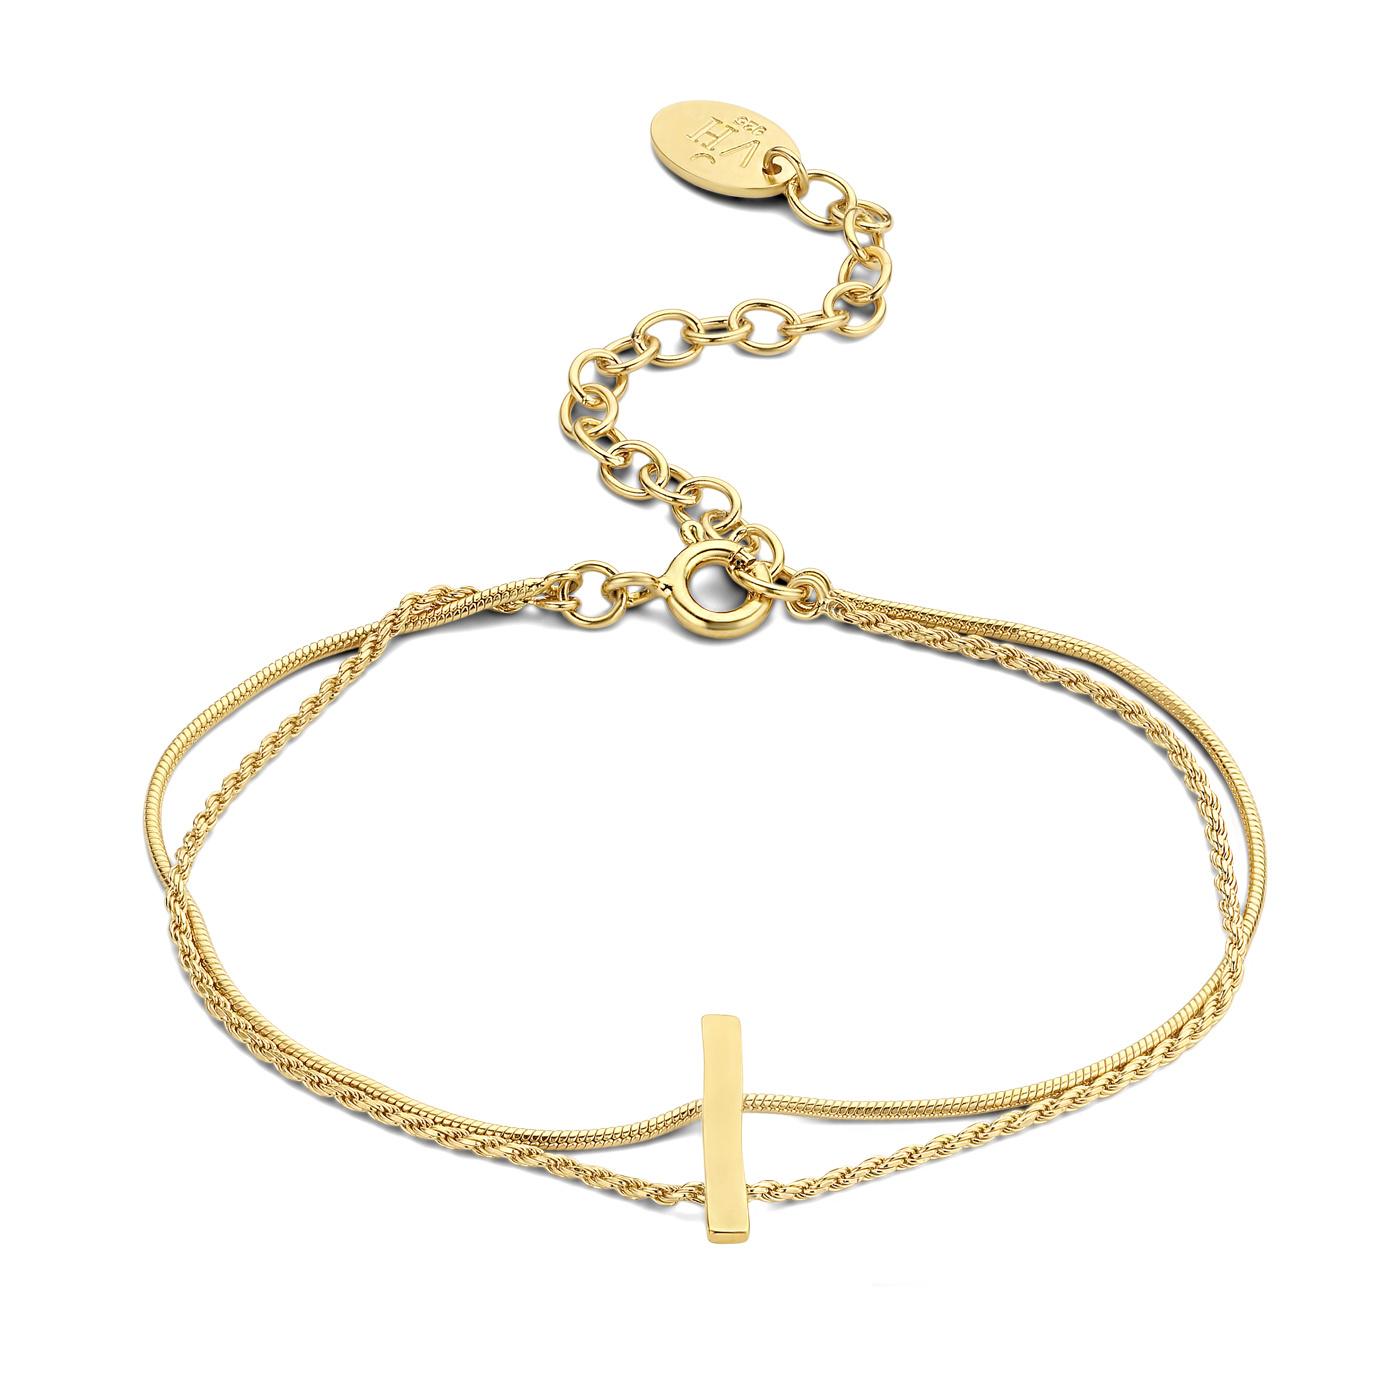 Violet Hamden Sisterhood Moonscape guldfärgad armband i 925 sterlingsilver